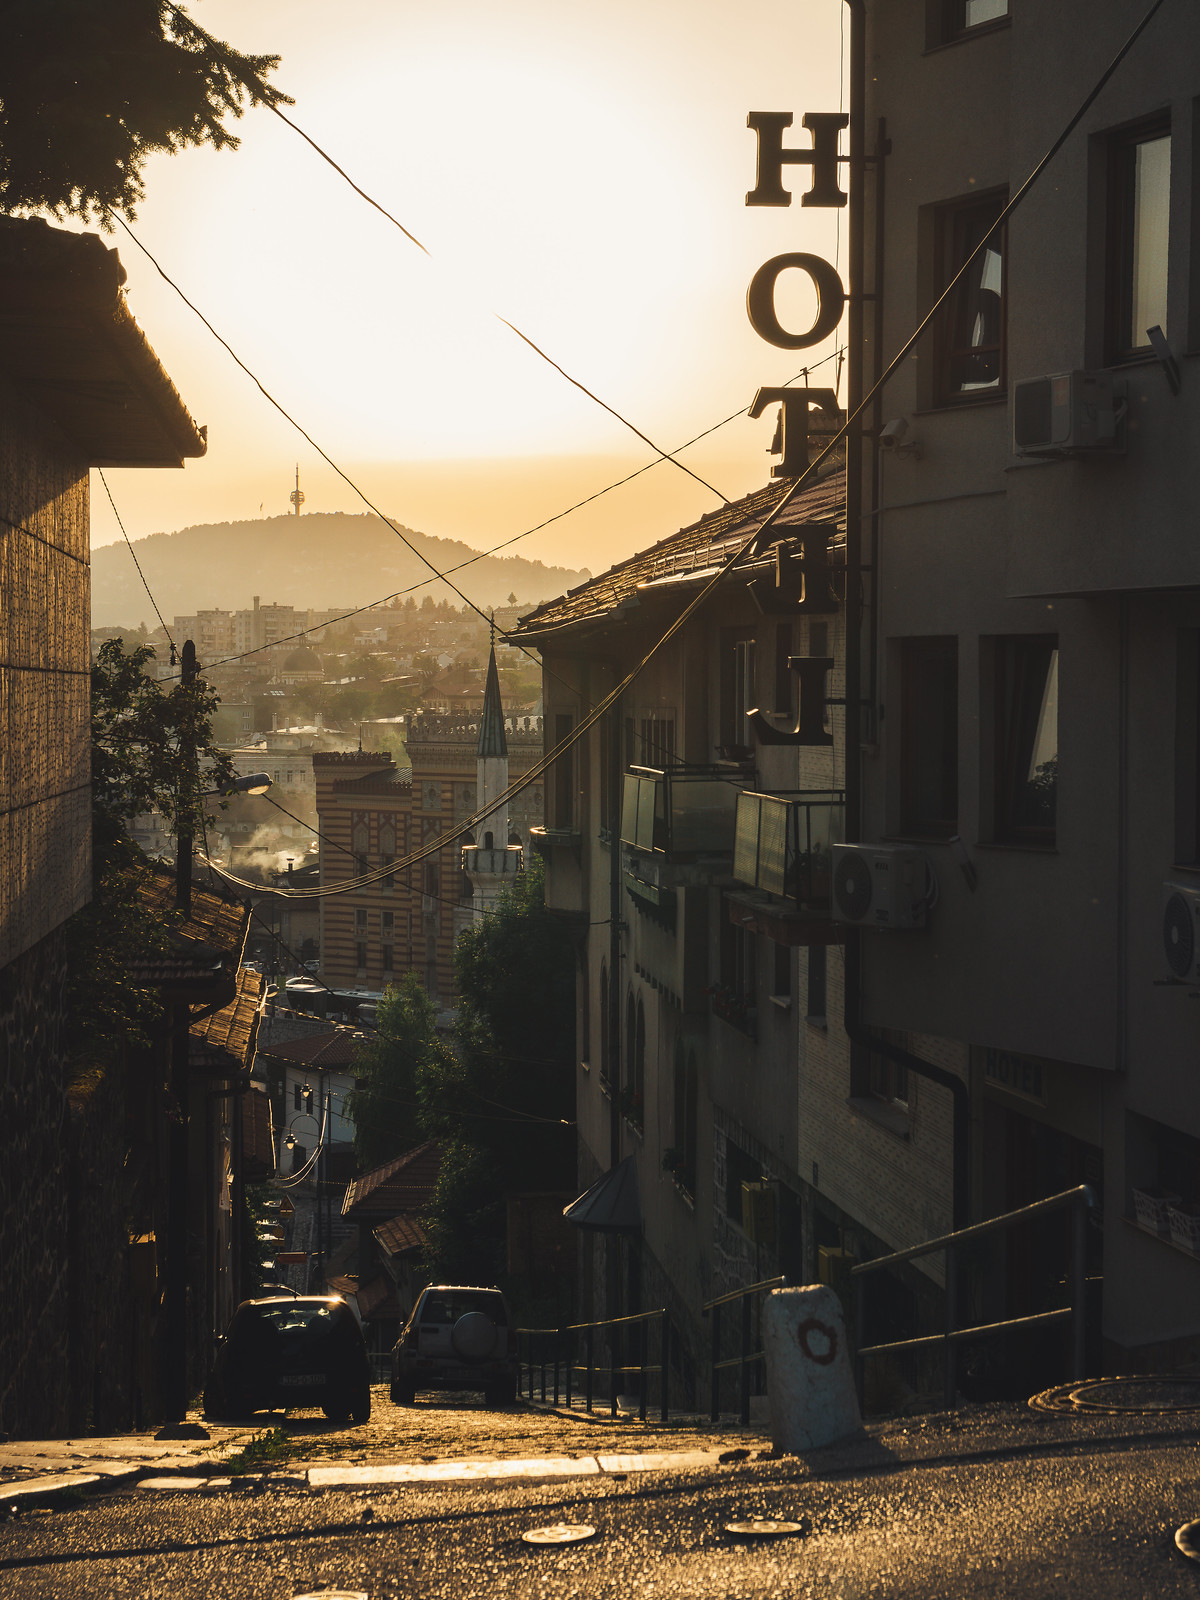 Kaupunki on näkemisen arvoinen vuoren rinteeltä käsin ja iltavalaistuksessa